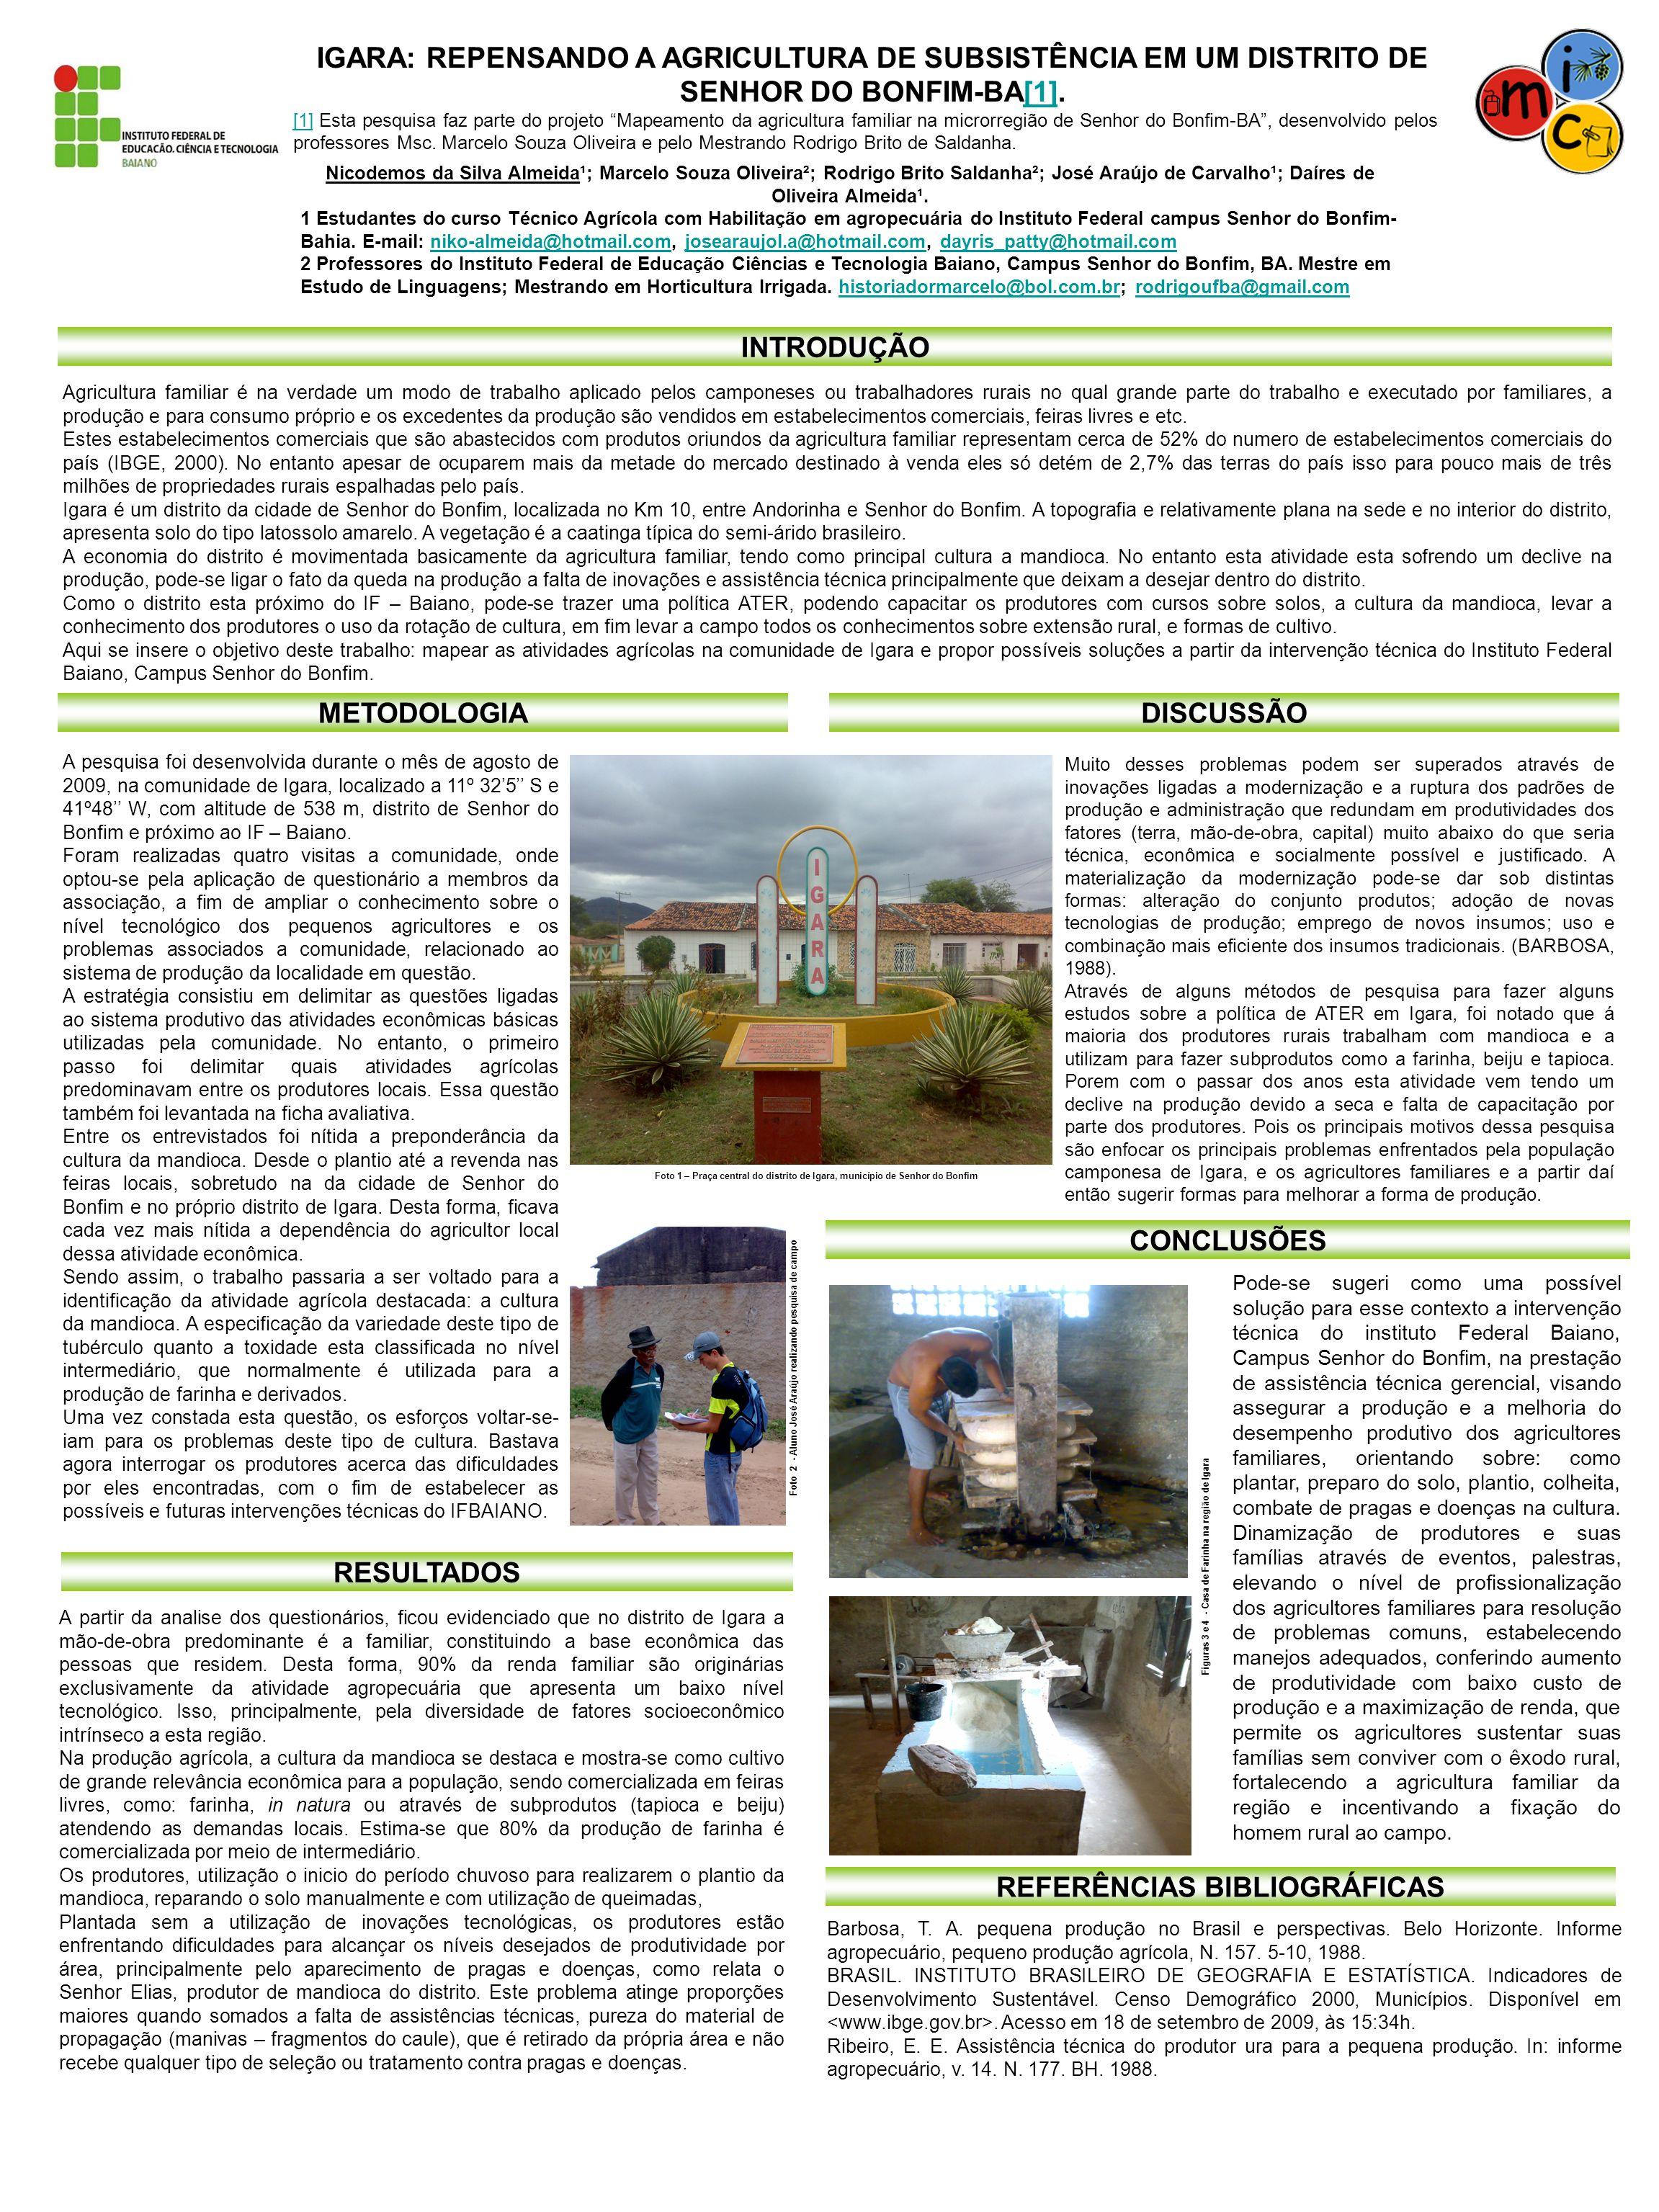 IGARA: REPENSANDO A AGRICULTURA DE SUBSISTÊNCIA EM UM DISTRITO DE SENHOR DO BONFIM-BA[1].[1] [1] Esta pesquisa faz parte do projeto Mapeamento da agri